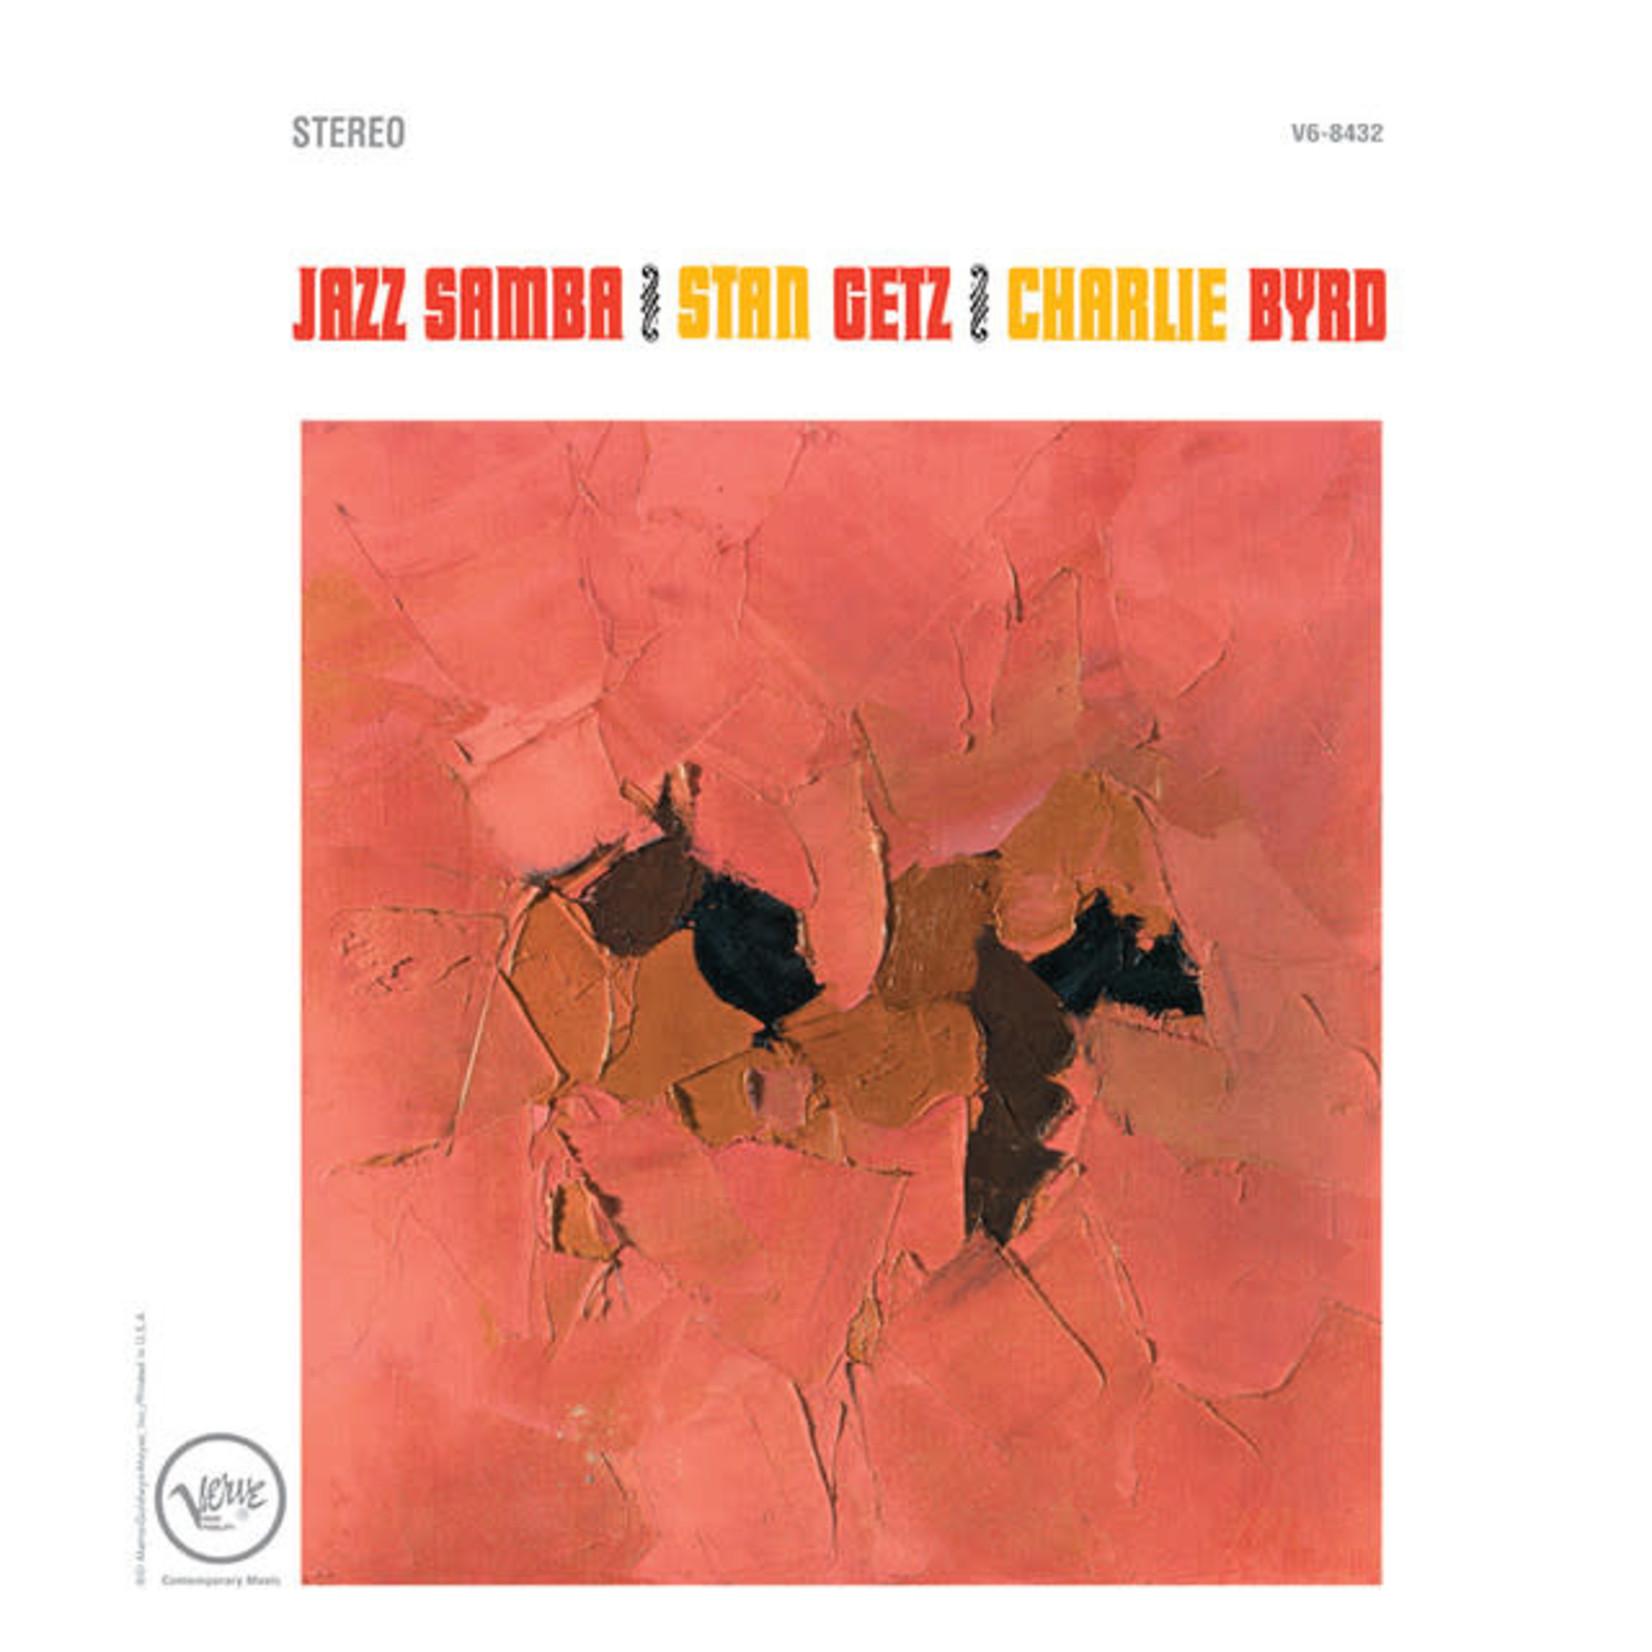 Vinyl Stan Getz & Charle Byrd- Jazz Samba